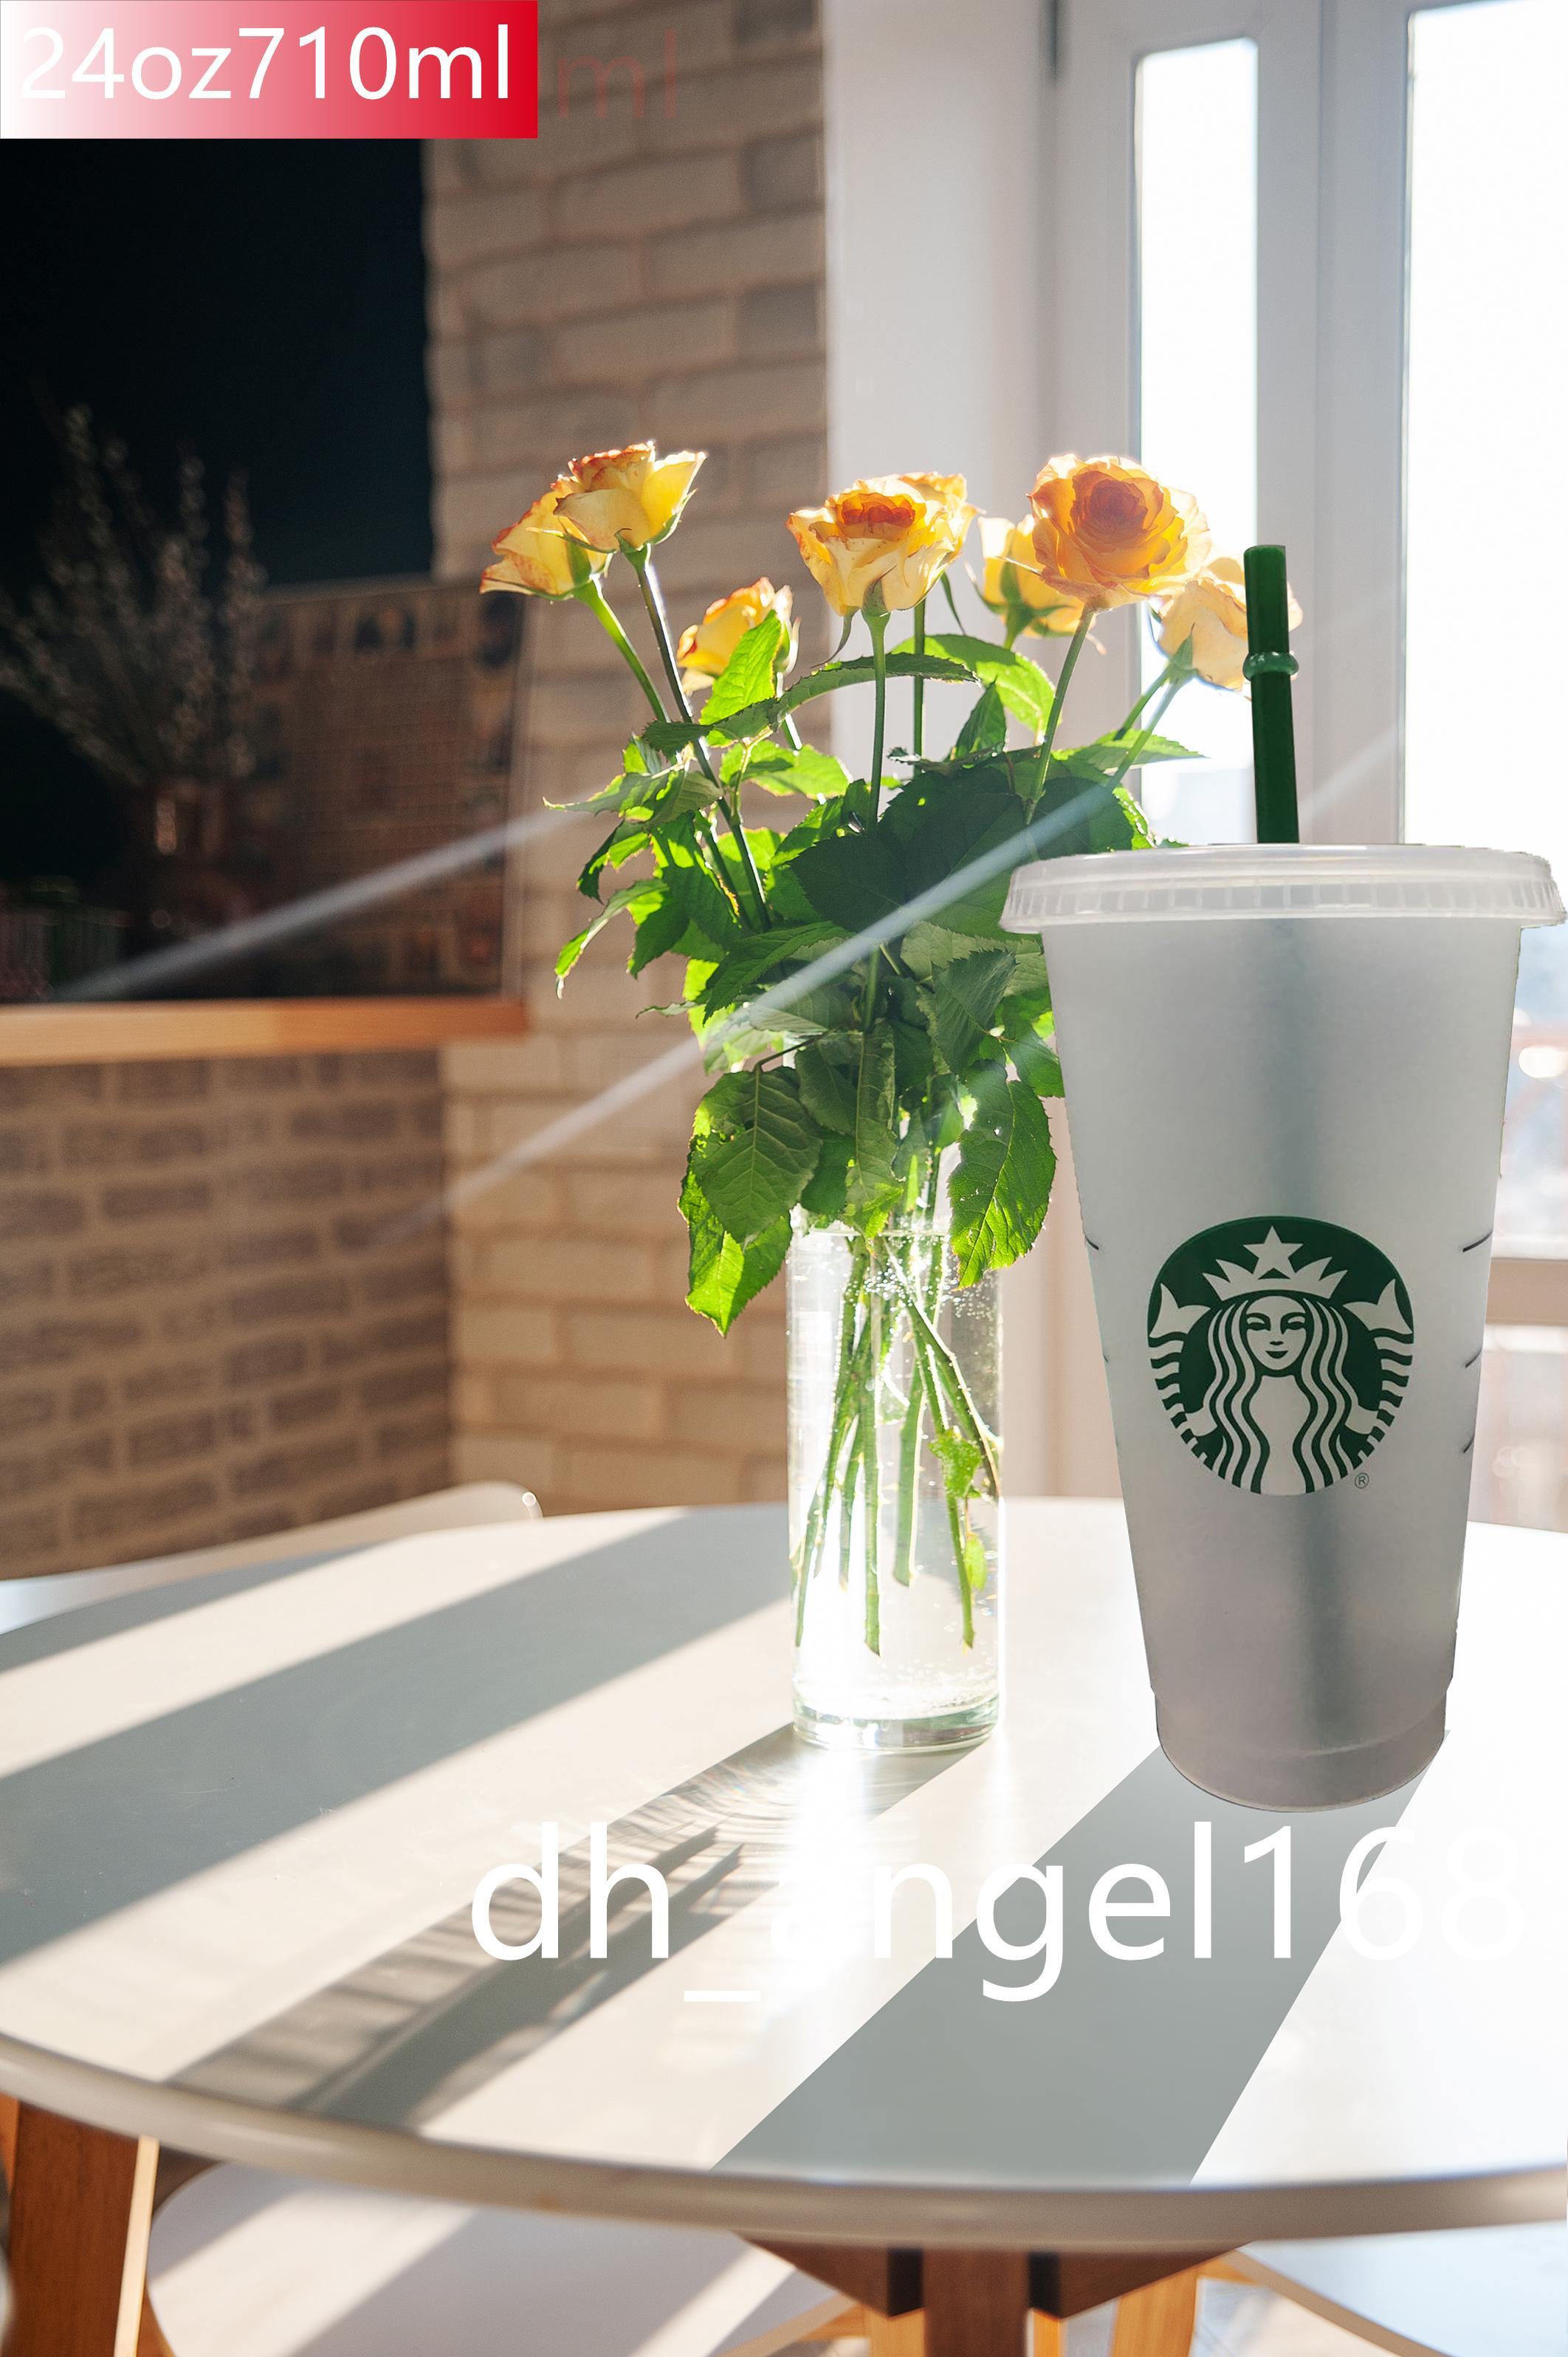 Starbucks 24oz Bicchieri luminosi eco di plastica del latte di latte di caffè del caffè del caffè bevanda trasparente tazze piatte riutilizzabili Cilindro pulito Cilindro di paglia Cucina paglia da pranzo Dhlware Dhl